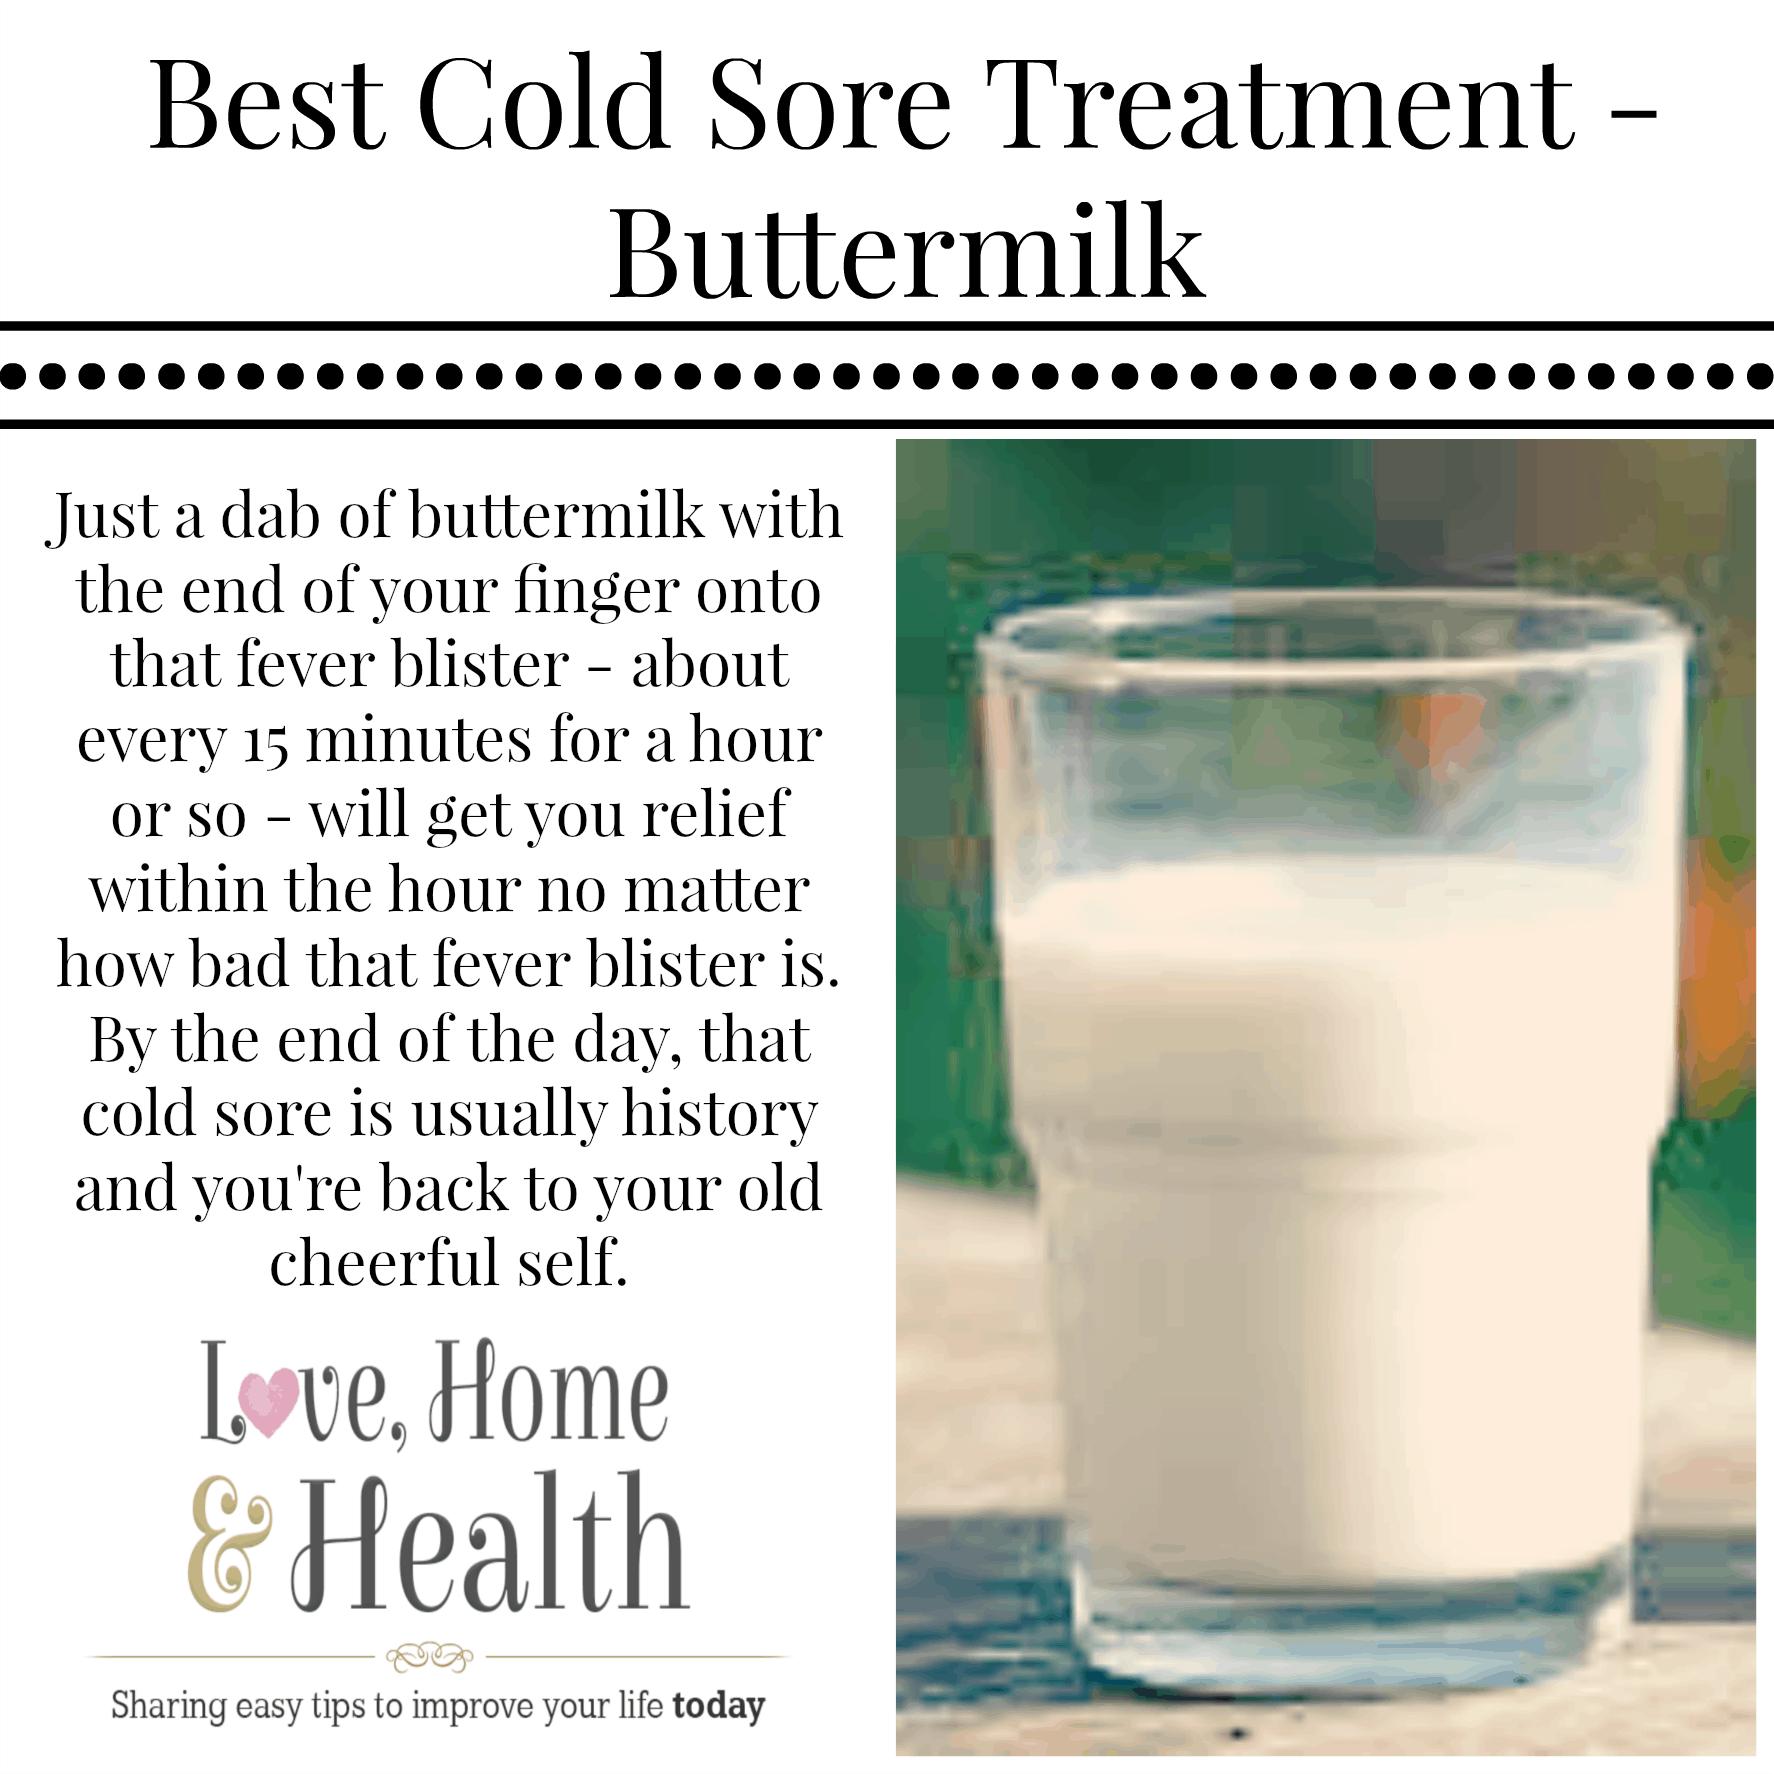 Buttermilk fever blister treatment